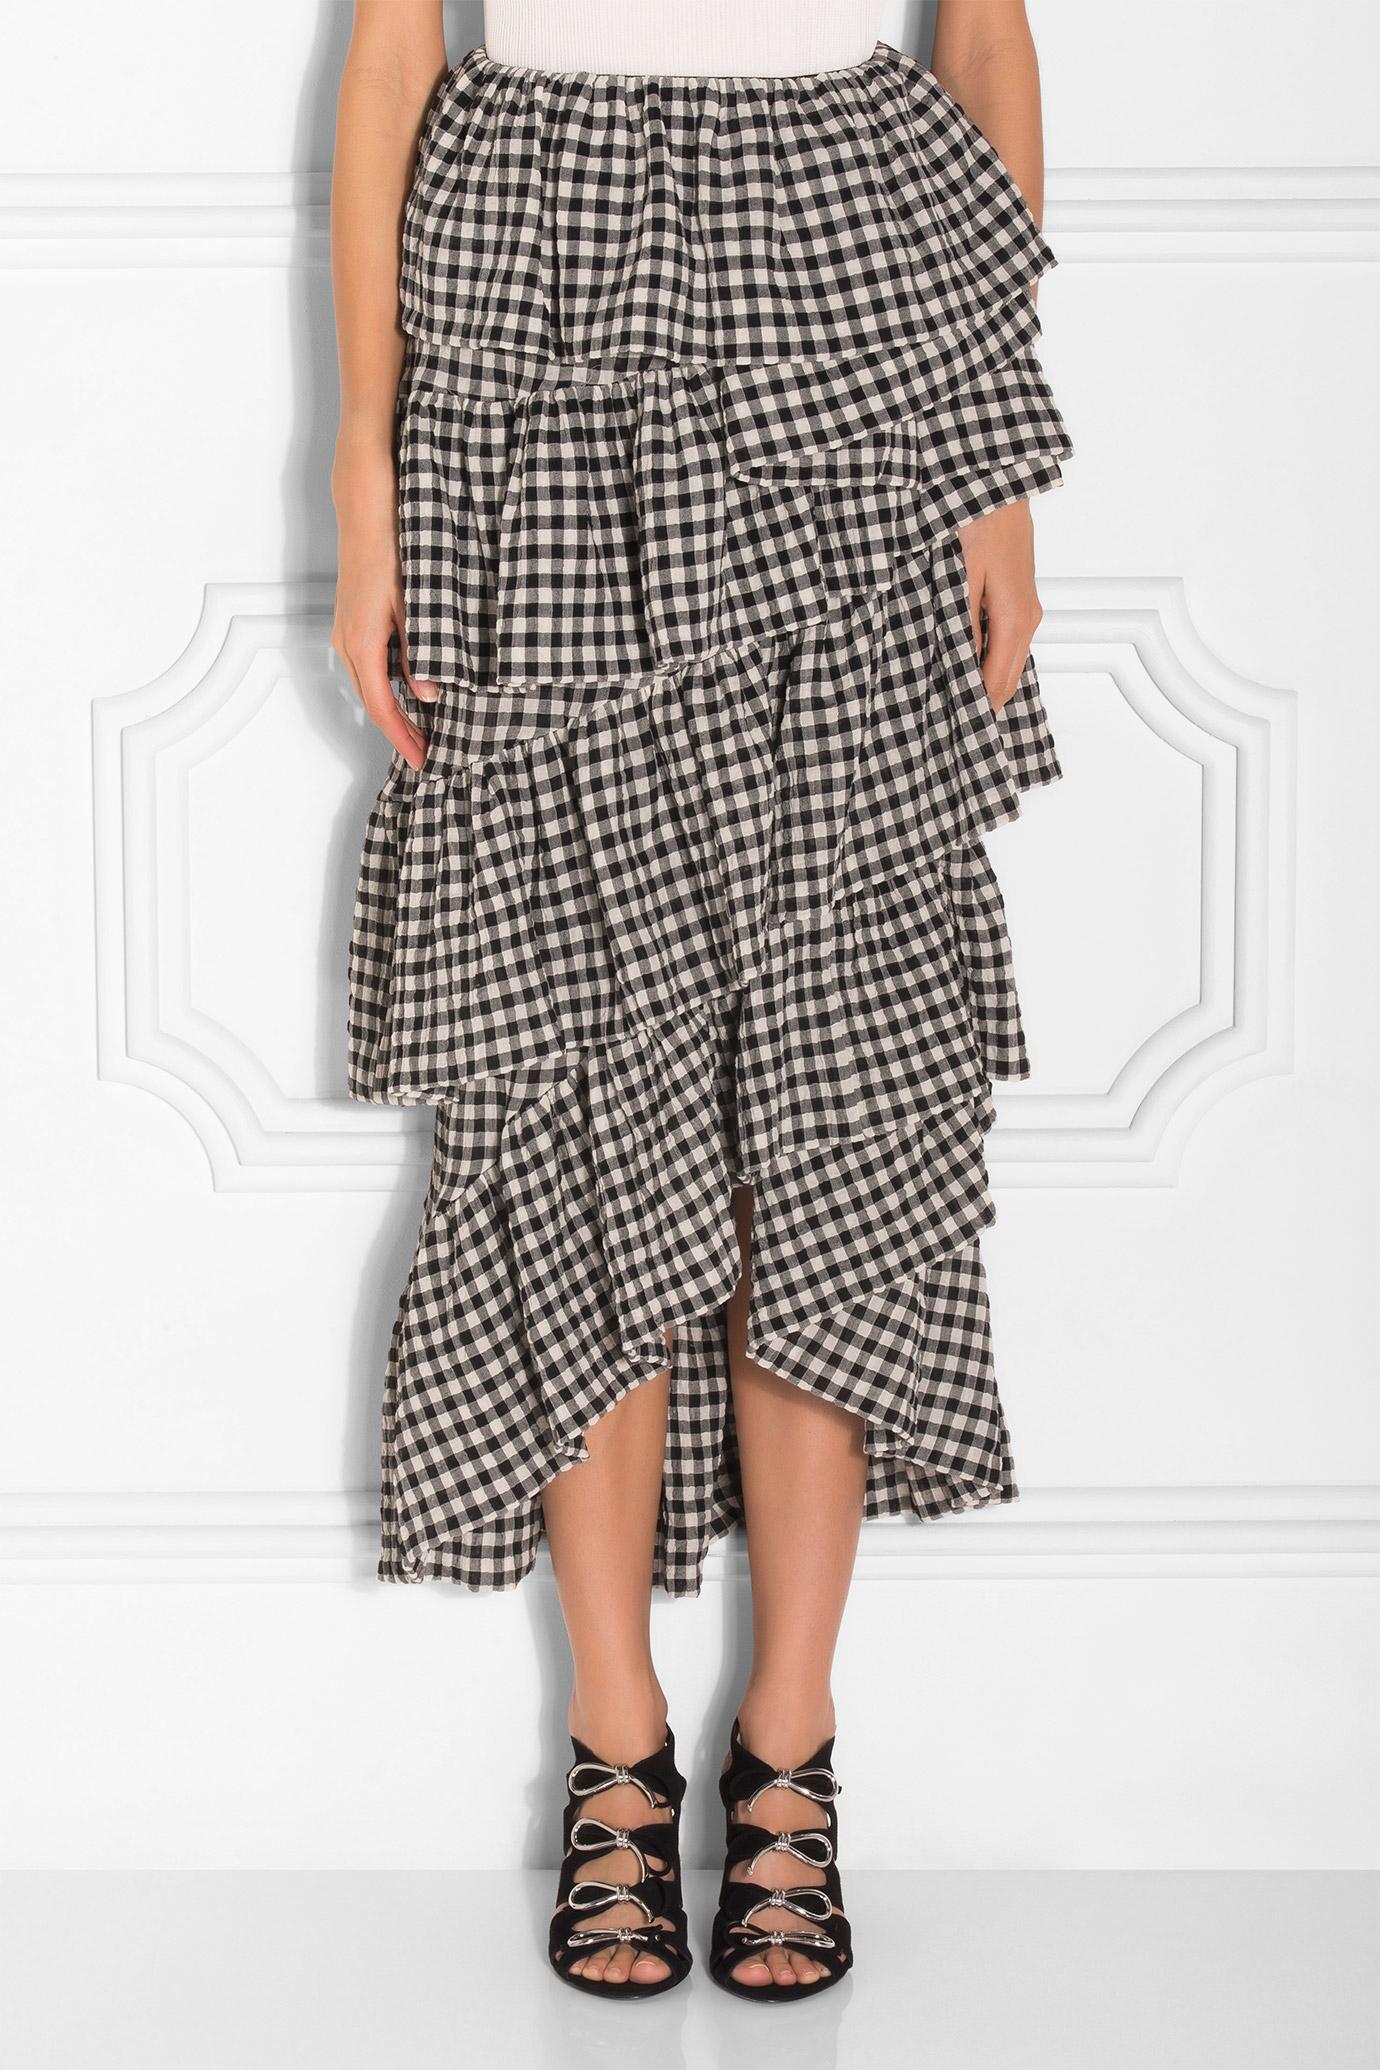 Isa arfen Midi Ruffle Skirt in Black | Lyst